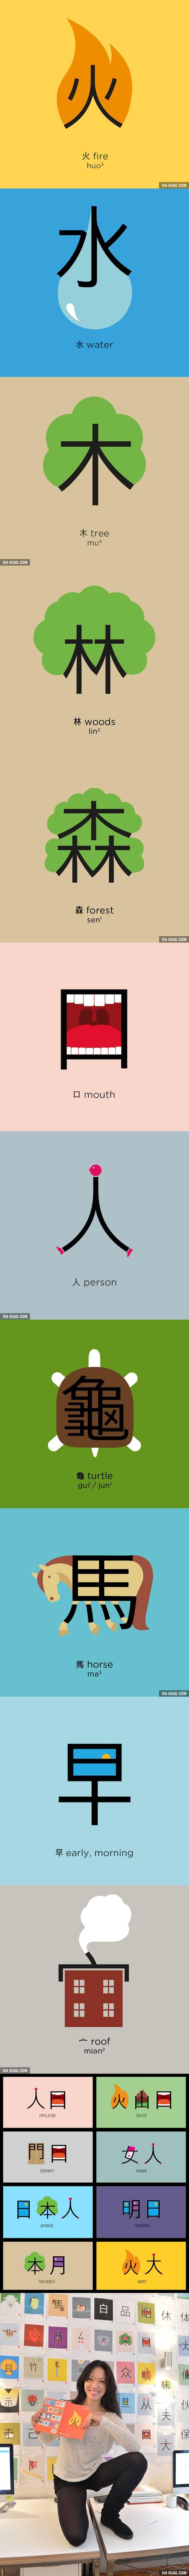 játékos kínai jelek